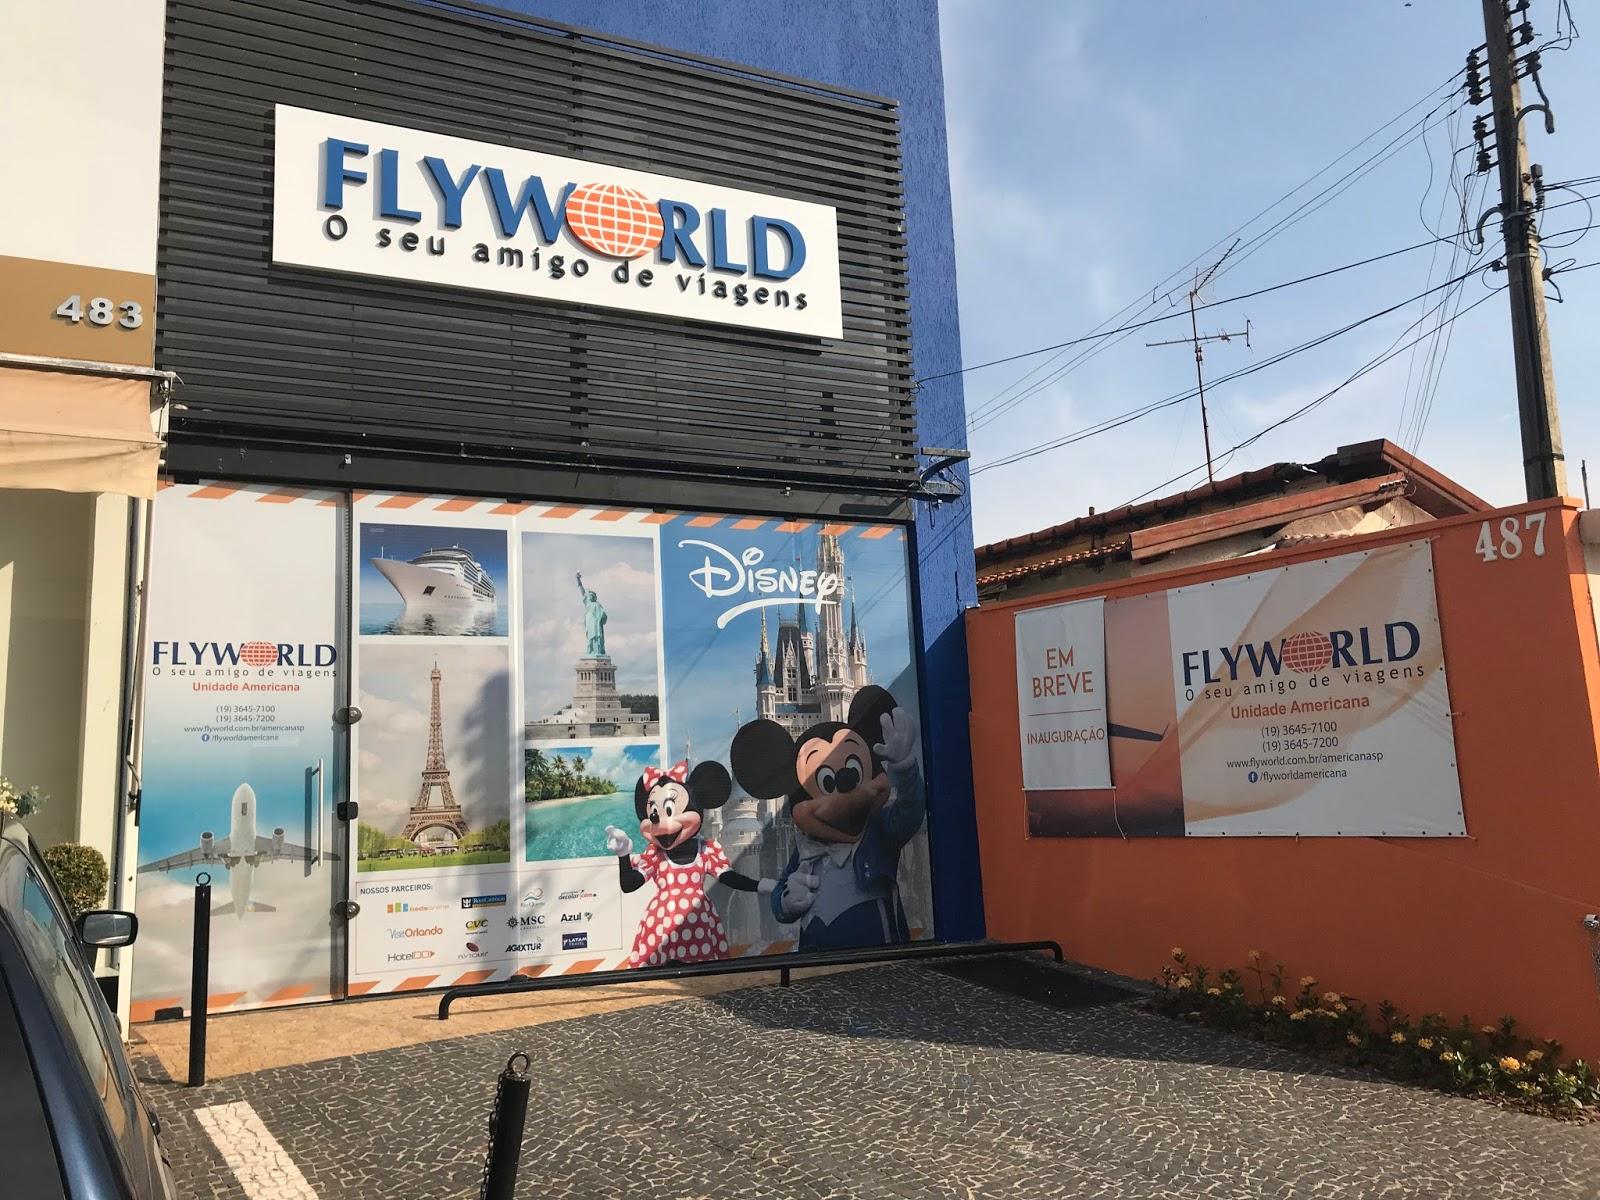 1bf879a98 Os novos franqueados Manuela Belém e Roberto Lima optaram pela franquia  Flyworld por possuírem uma expertise no setor de mais de vinte anos.